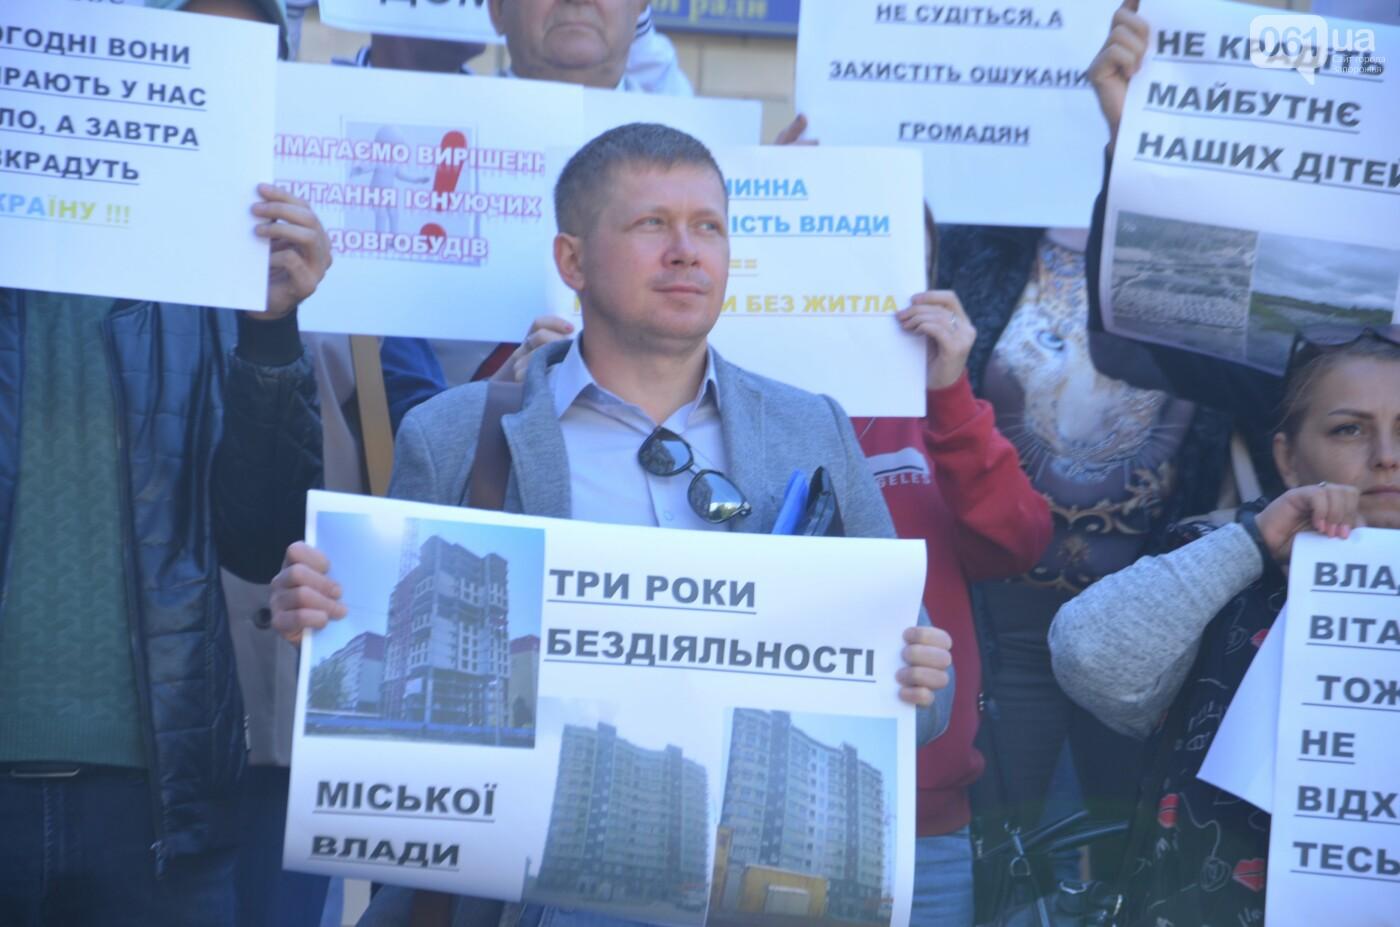 В Запорожье обманутые покупатели квартир выиграли суд у мэрии по делу о «недостроях Сабашука», фото-2